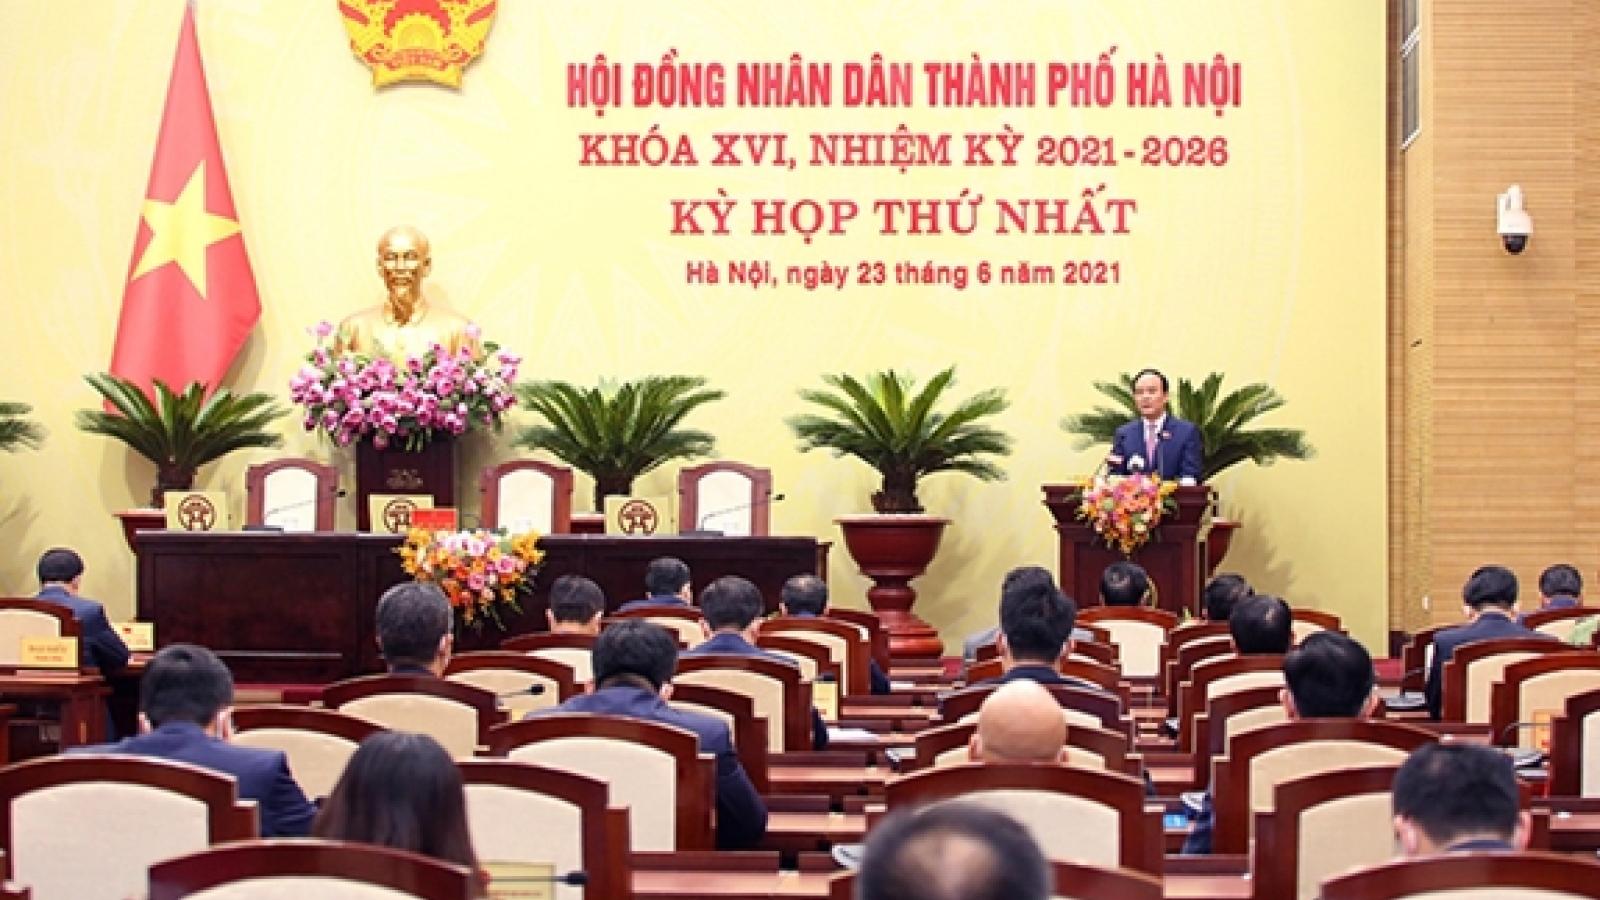 Hà Nội tiếp tục điều chỉnh thời gian kỳ họp thứ 2 HĐND Thành phố khóa XVI